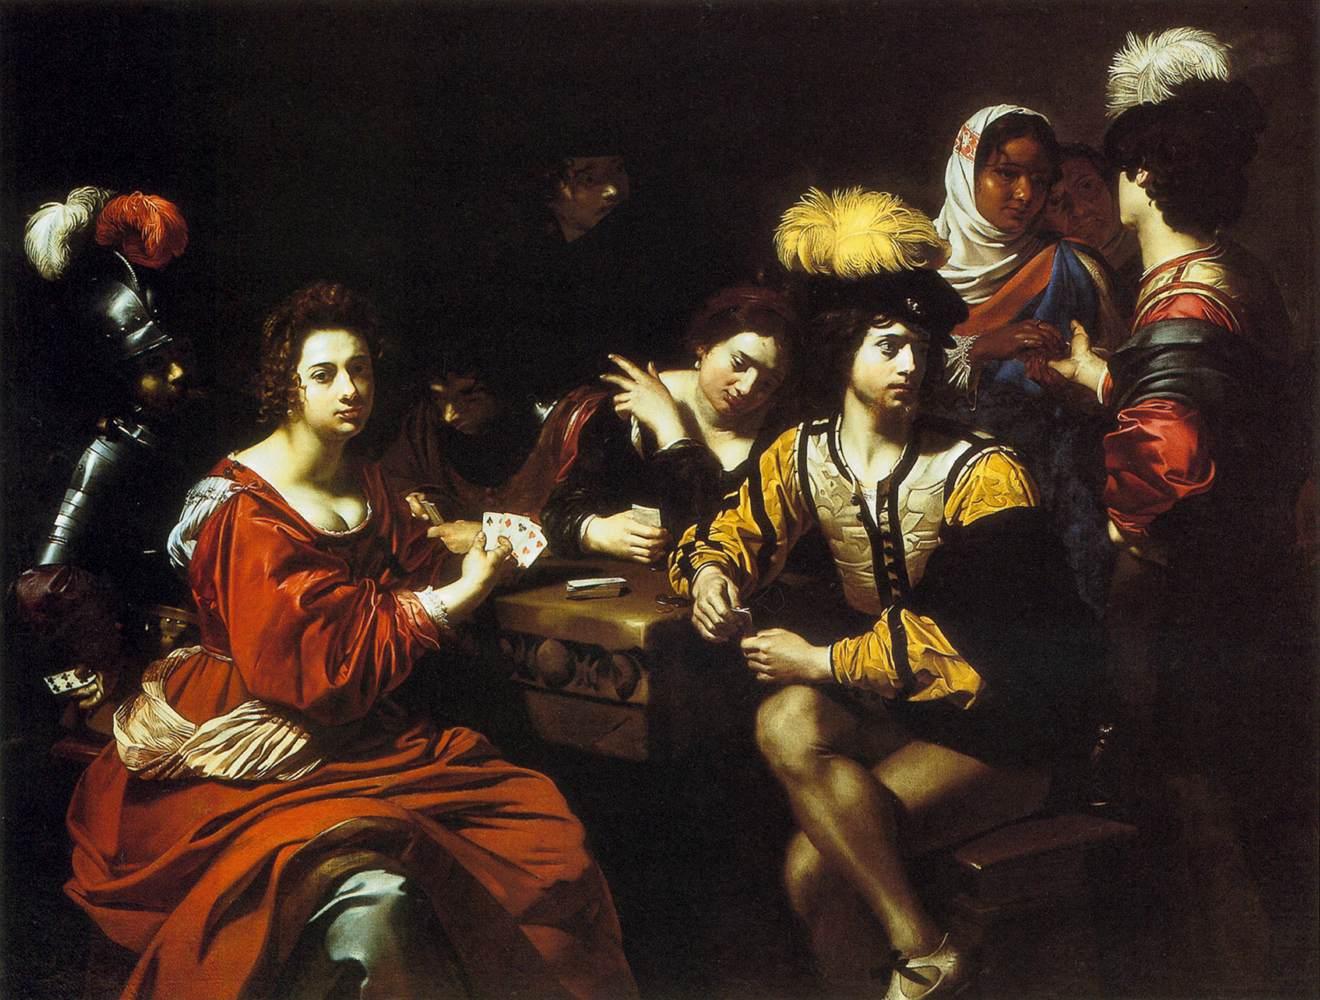 King louis xiv gambling table